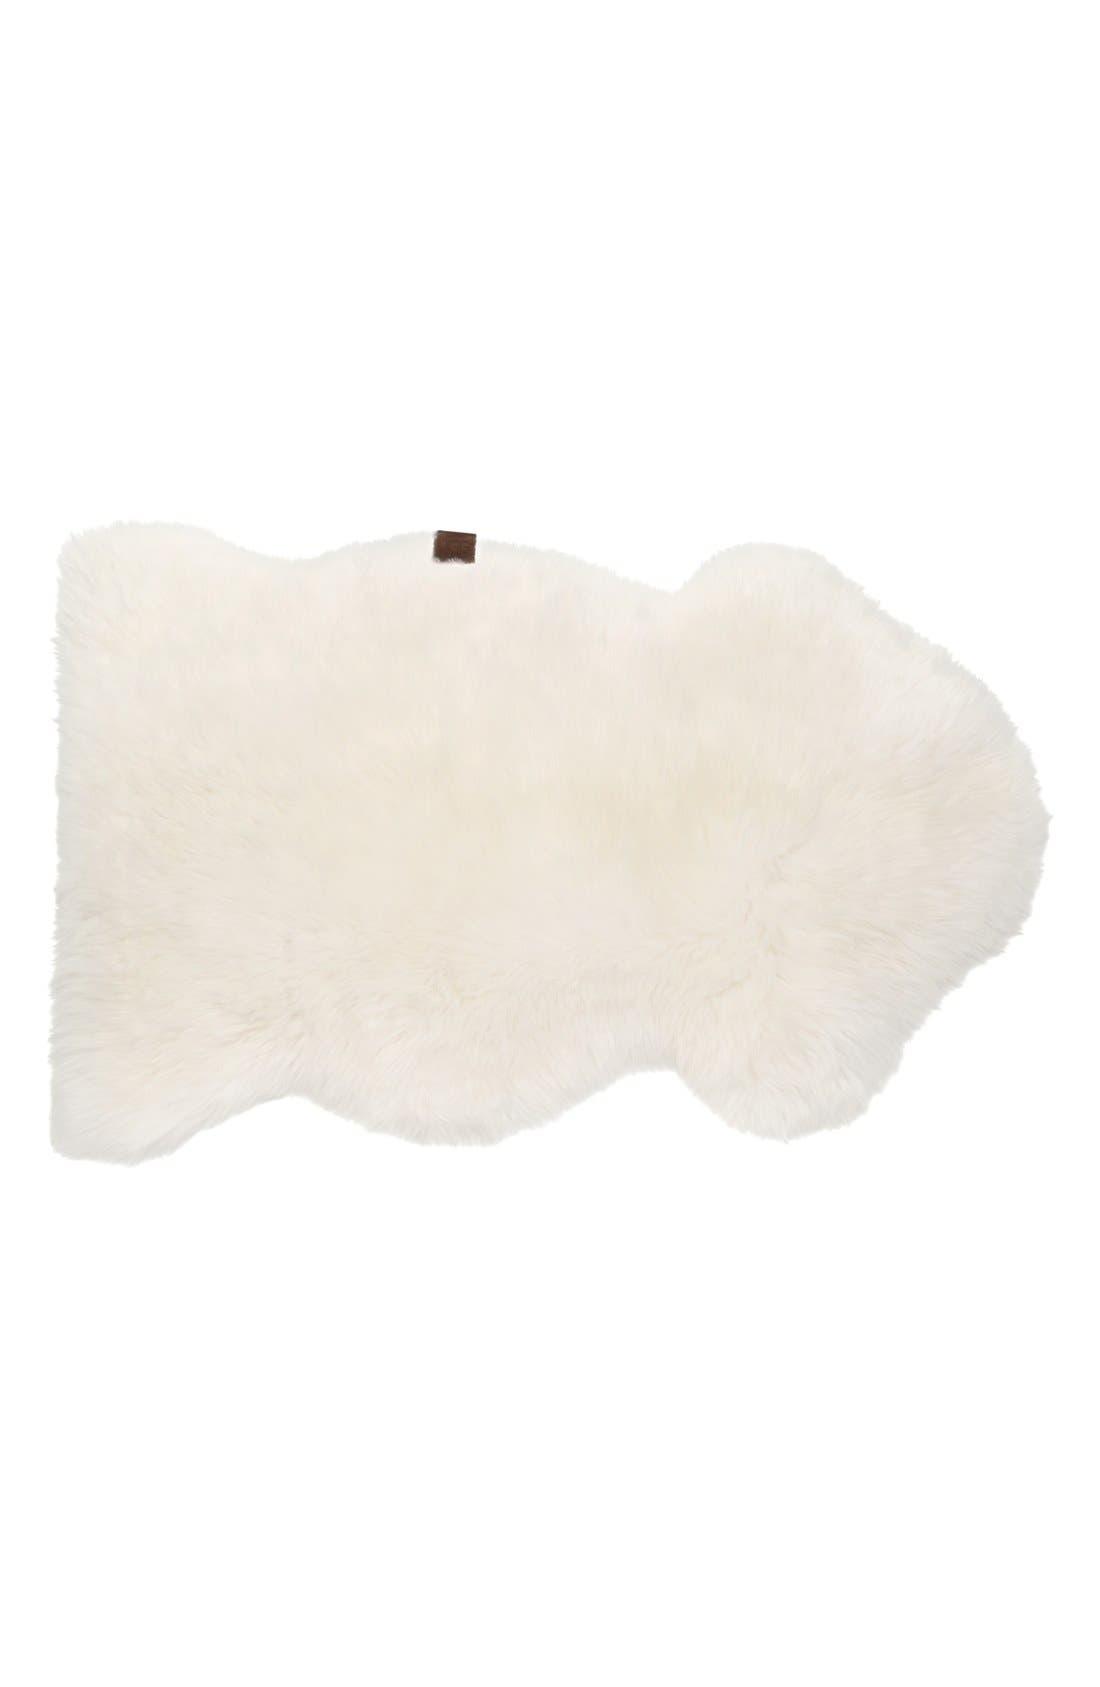 Alternate Image 1 Selected - UGG® Genuine Sheepskin Rug